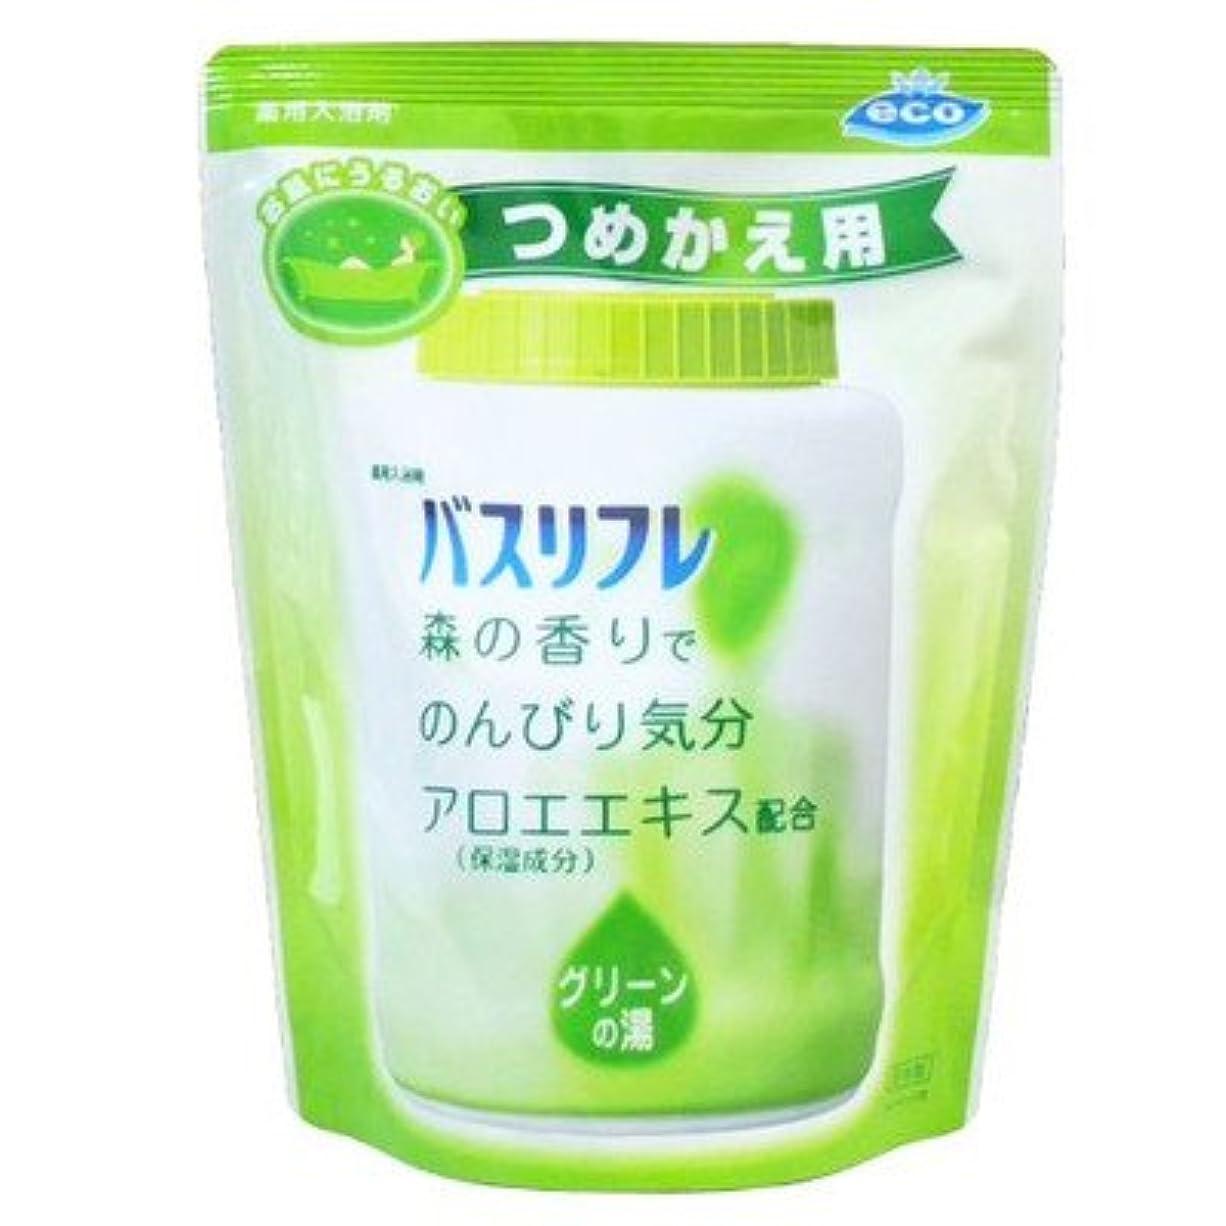 高い血まみれの小道薬用入浴剤 バスリフレ グリーンの湯 つめかえ用 540g 森の香り (ライオンケミカル)